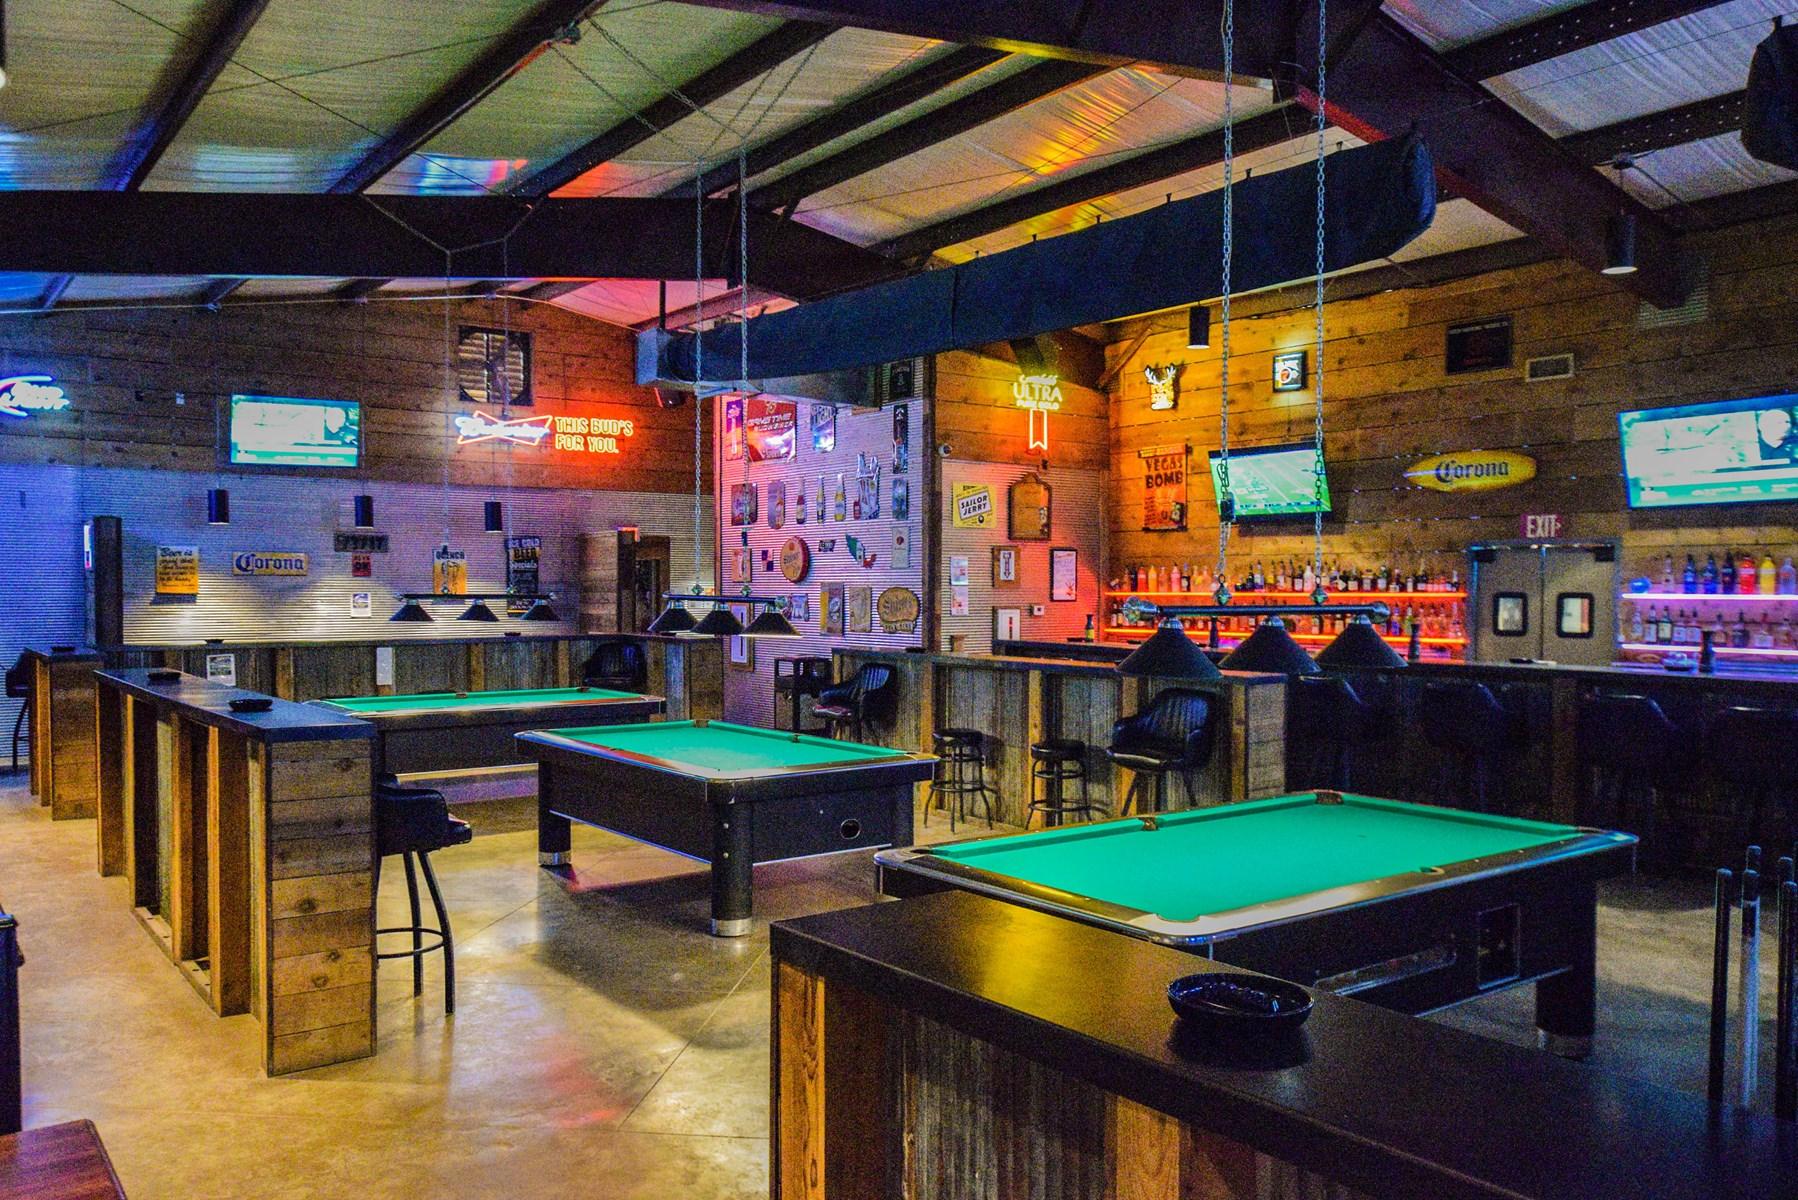 The Angry Bull Saloon Alva Oklahoma